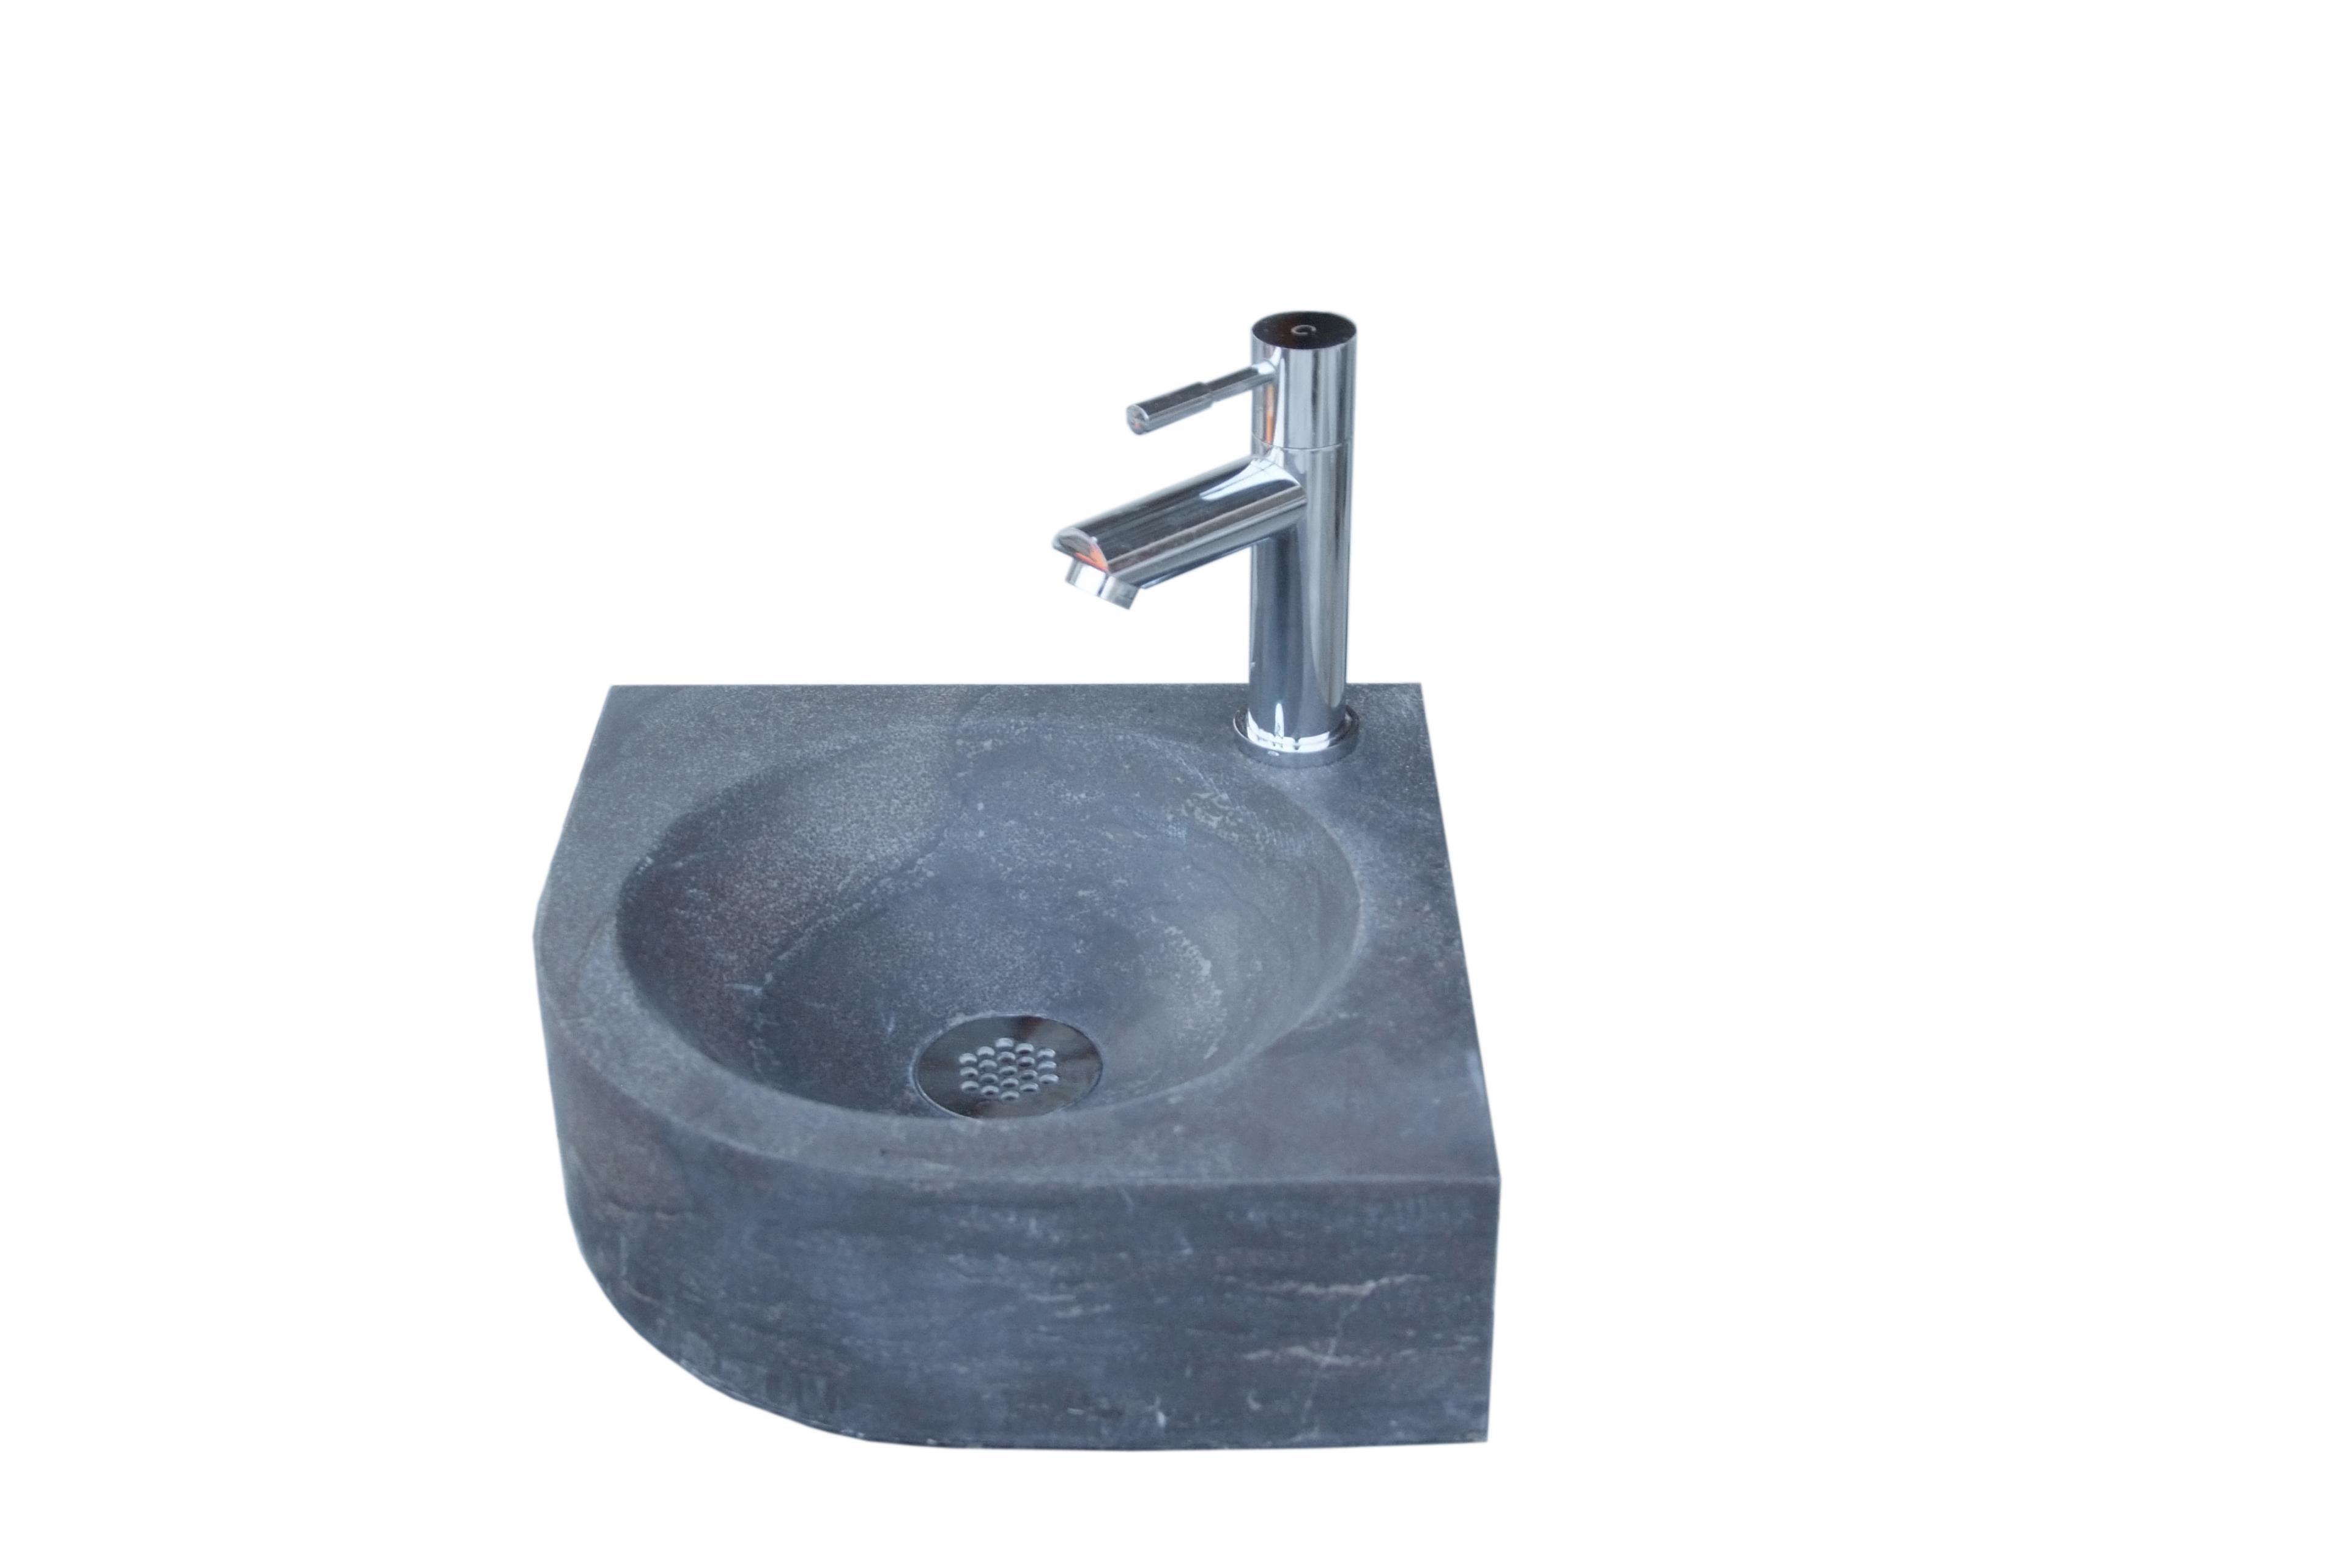 Fontein Natuursteen Toilet : Natuursteen fontein rondo toilet verbouwen de topper in sanitair